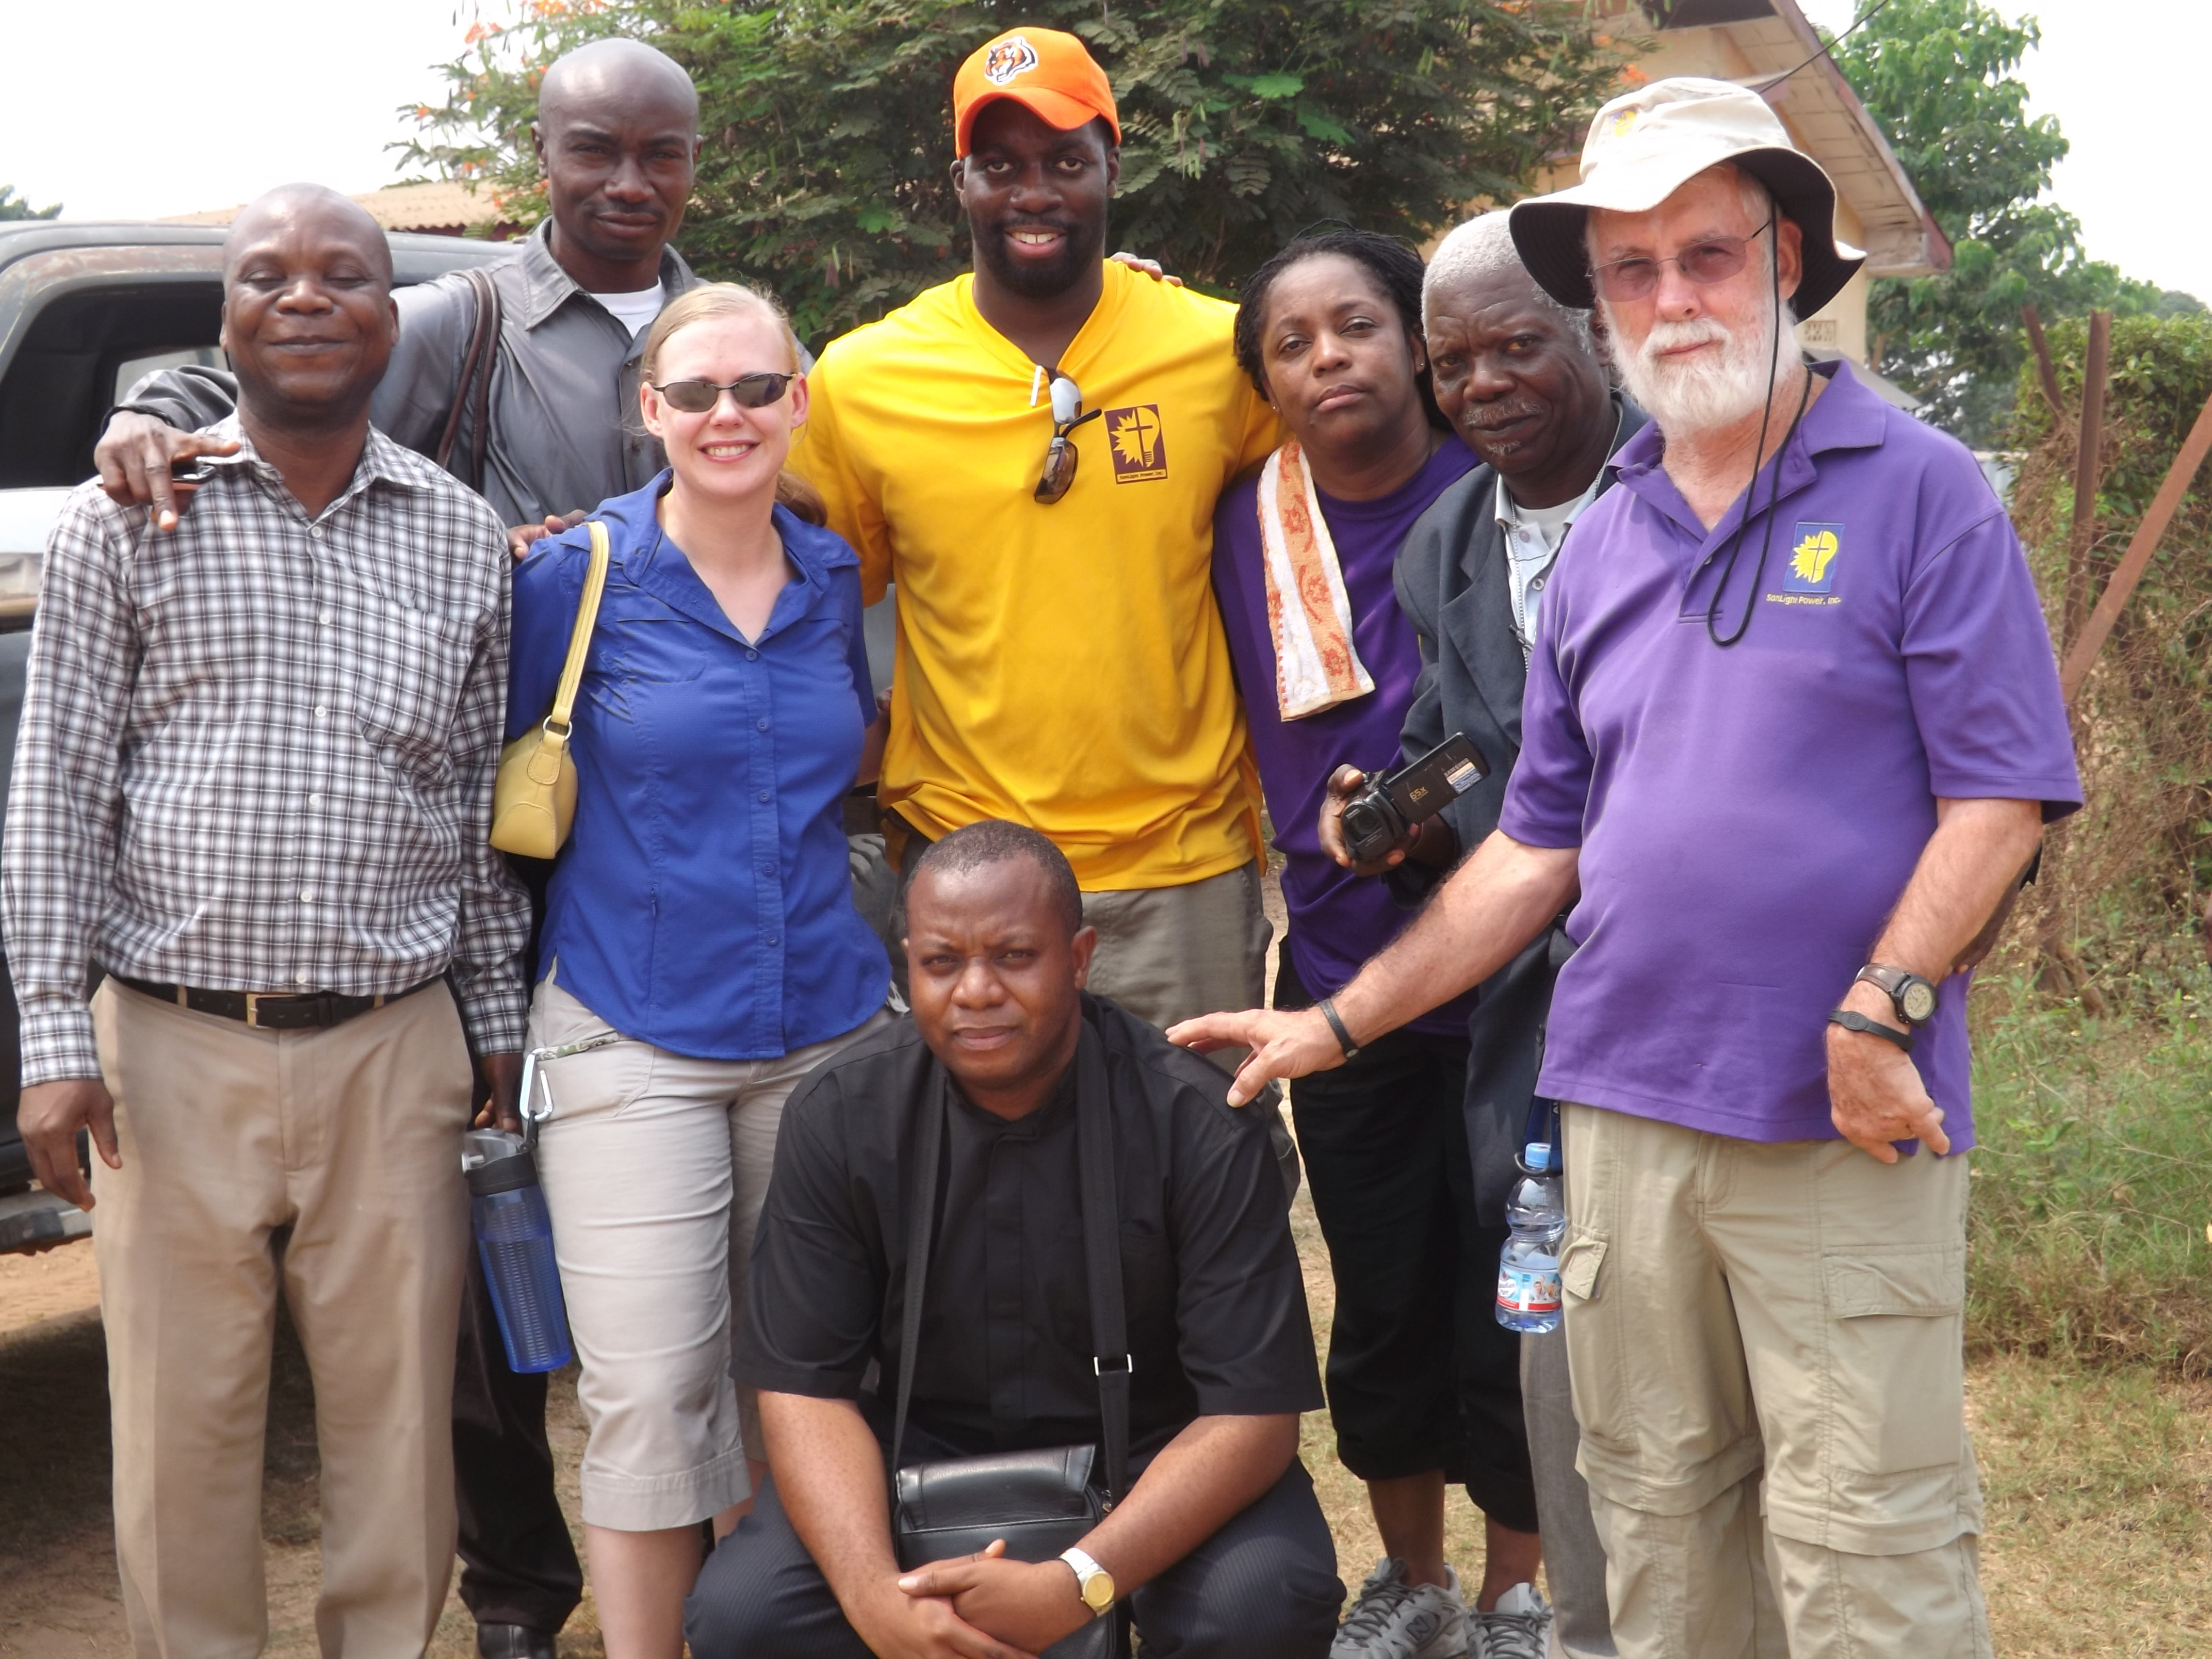 Arrival in Mbujimayi